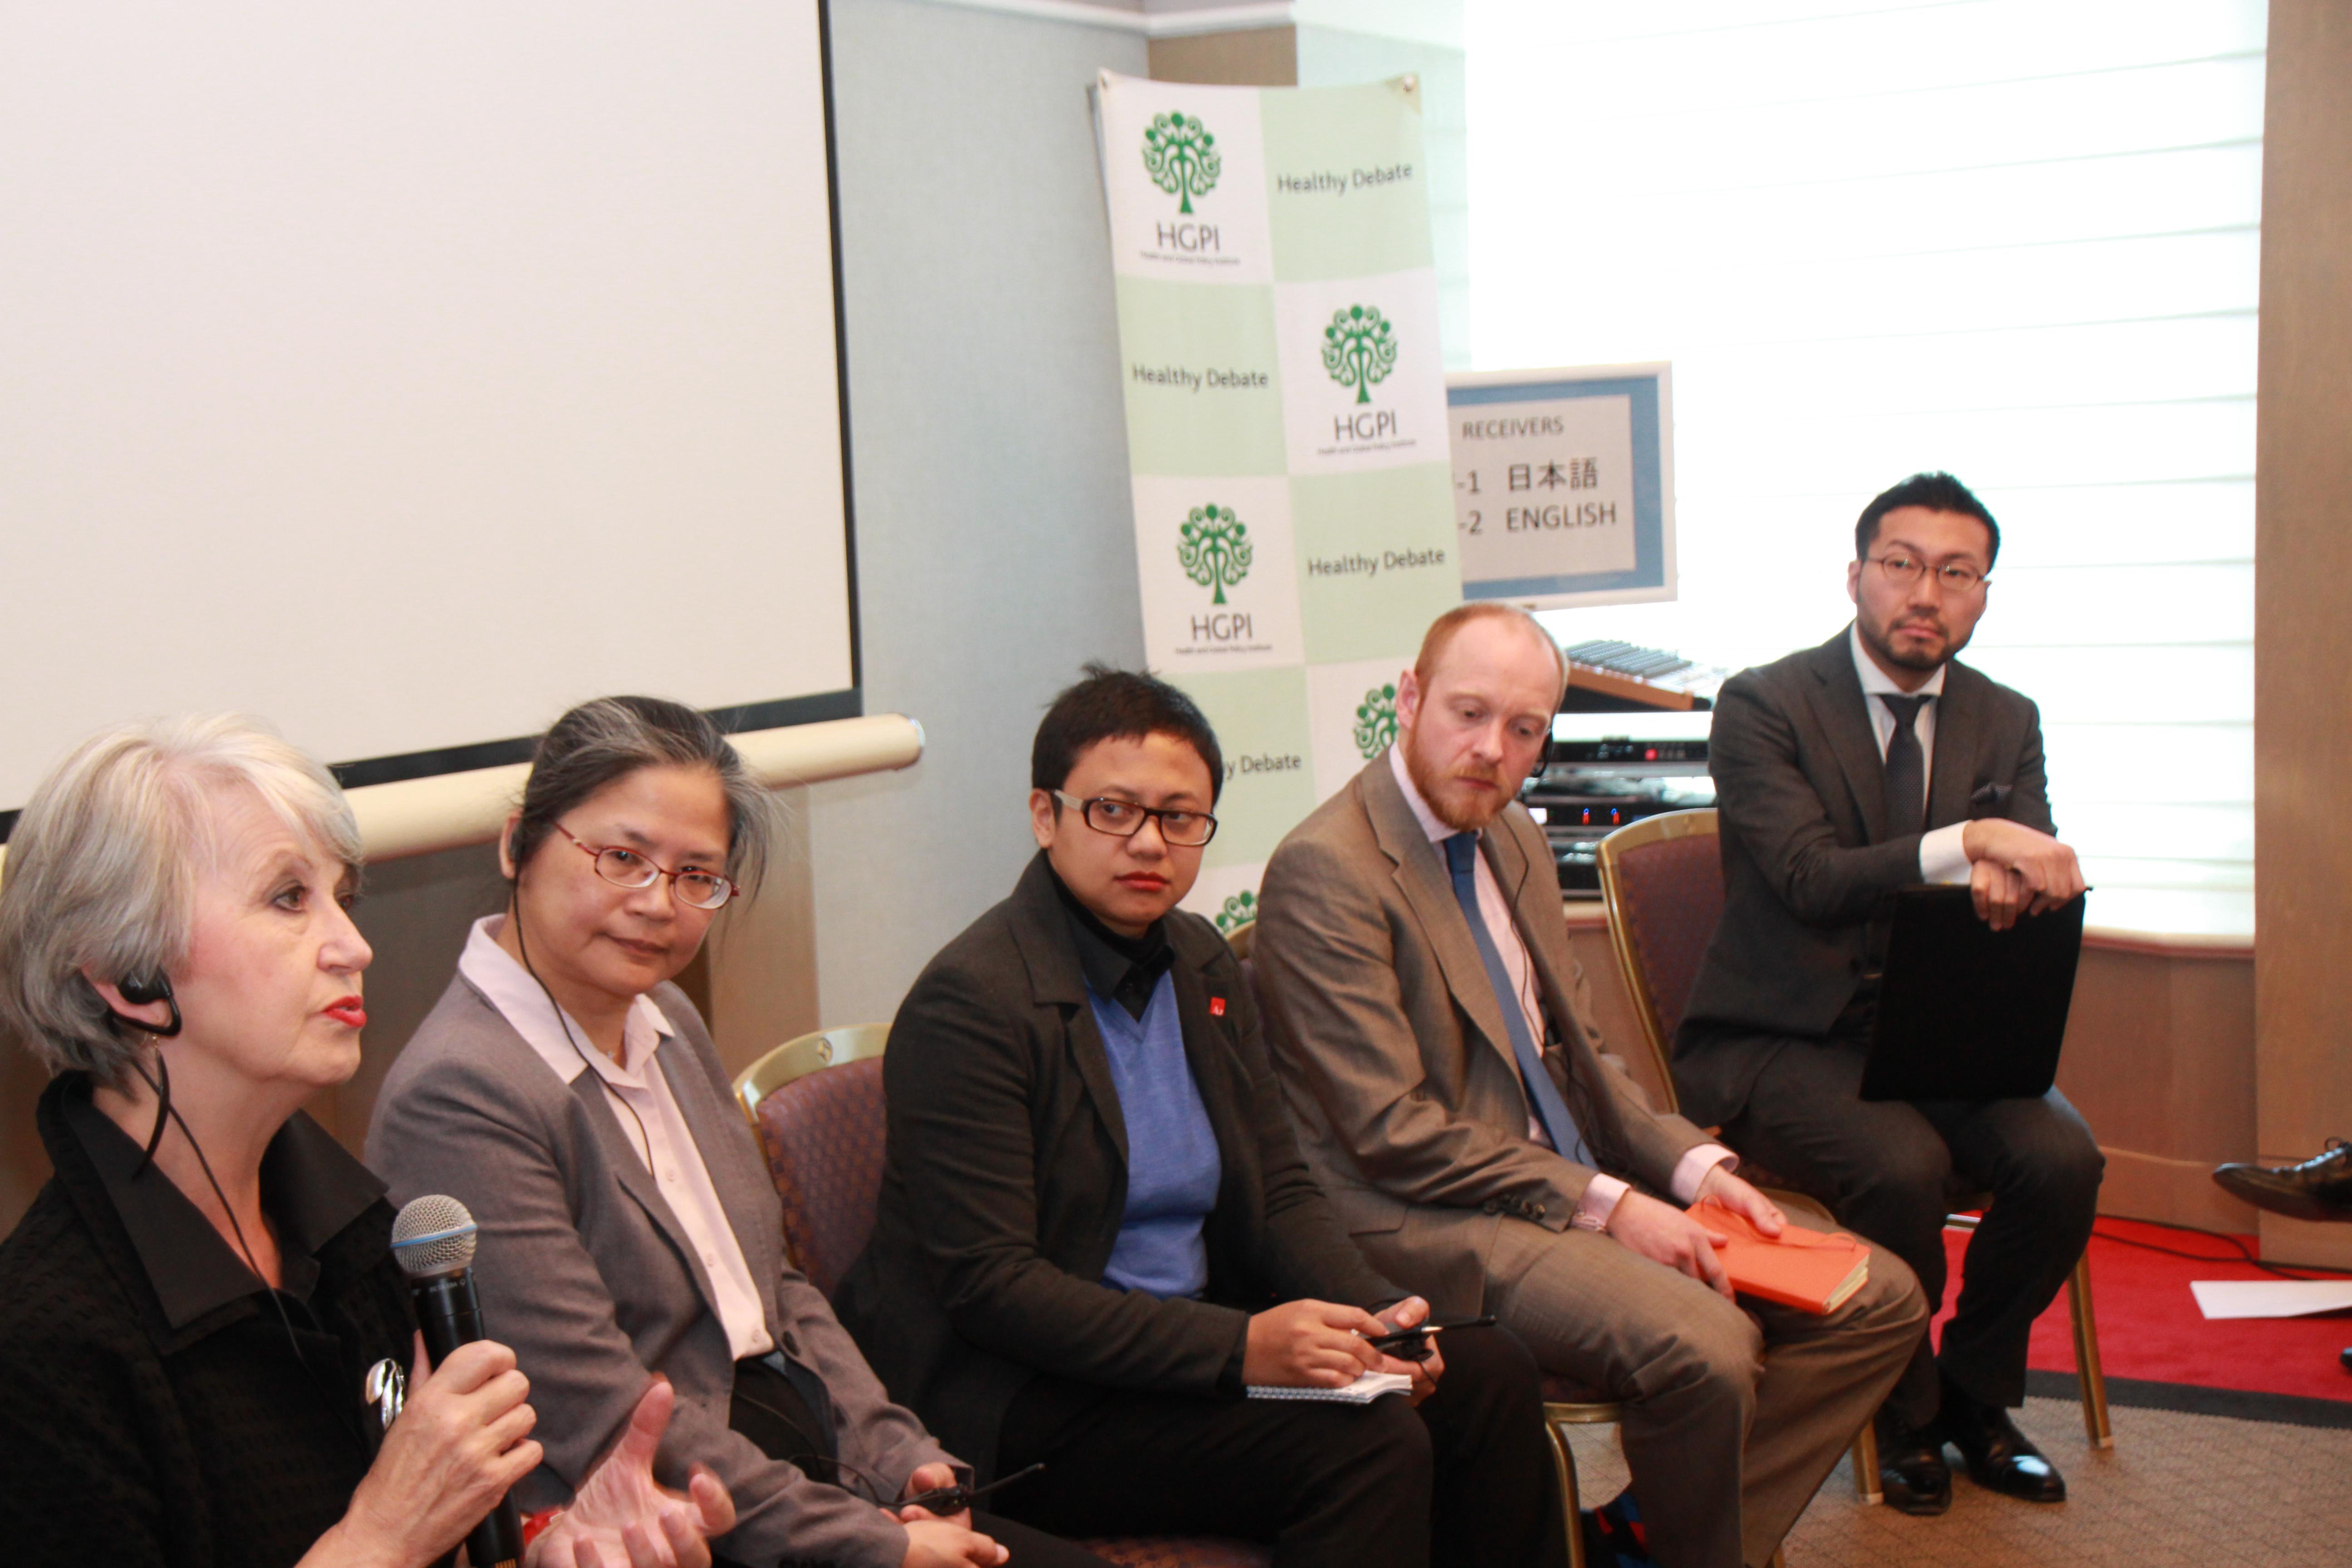 【開催報告】認知症対策 日英・アジア グローバル専門家会合 「認知症対策推進のための官民連携の先進事例」(2017年3月17日)